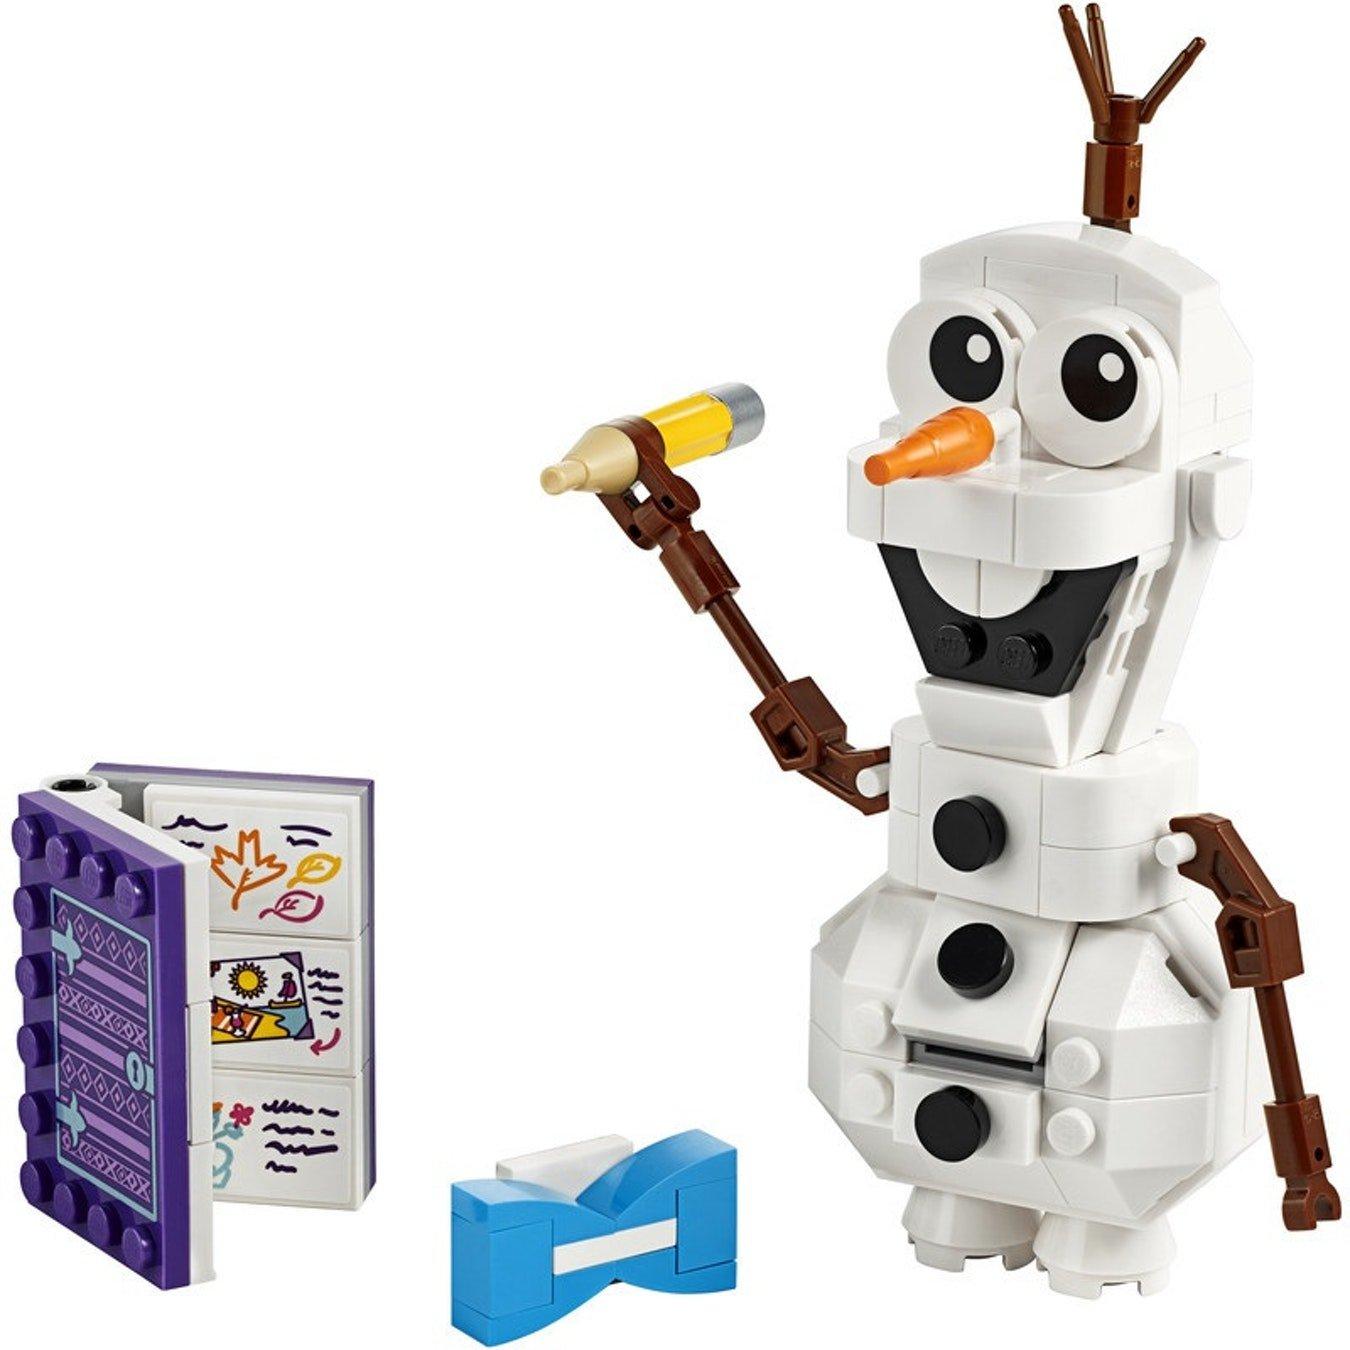 LEGO - Disney Frozen - Olaf (41169)